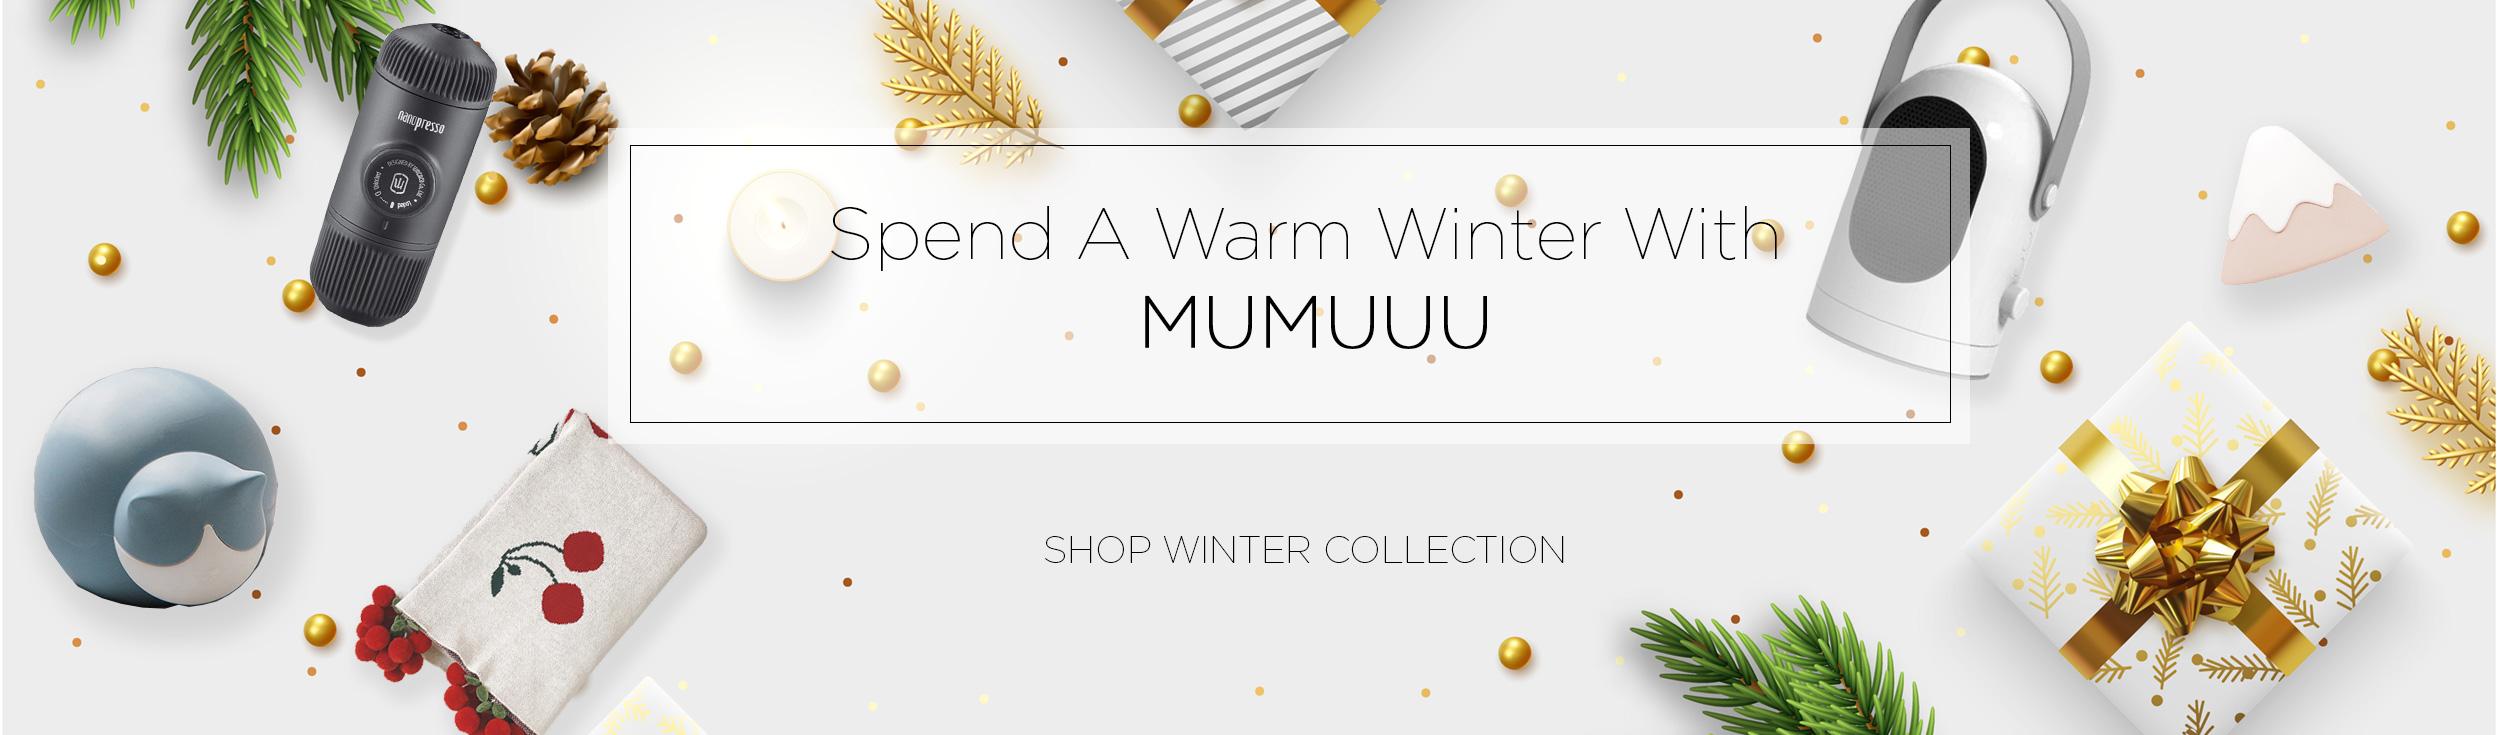 winter-banner.jpg